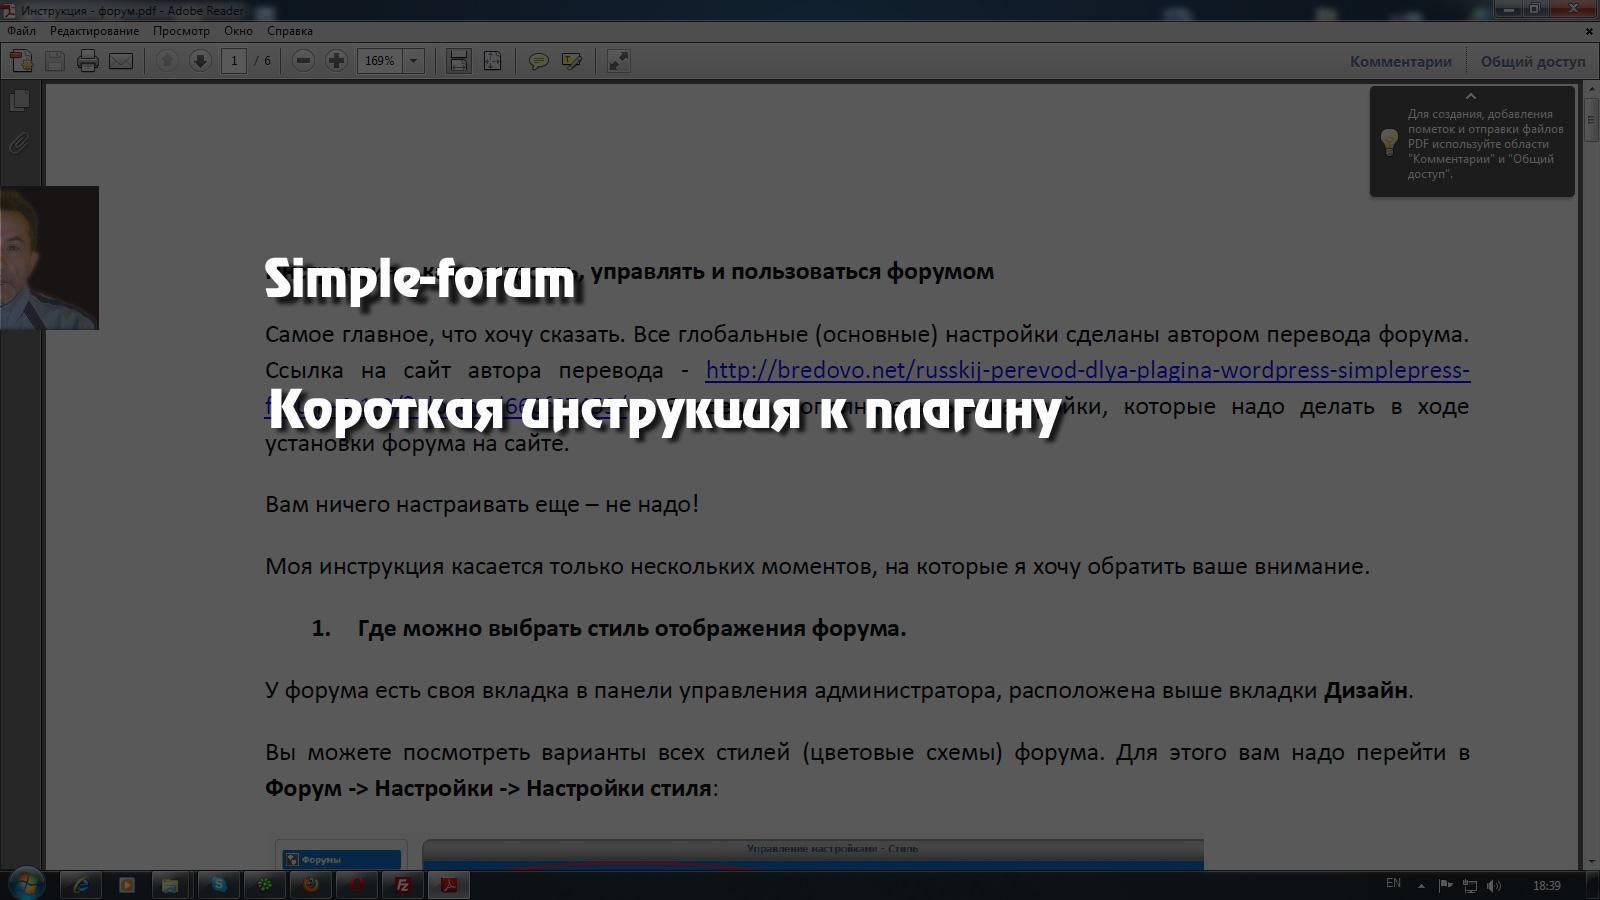 simple-forum